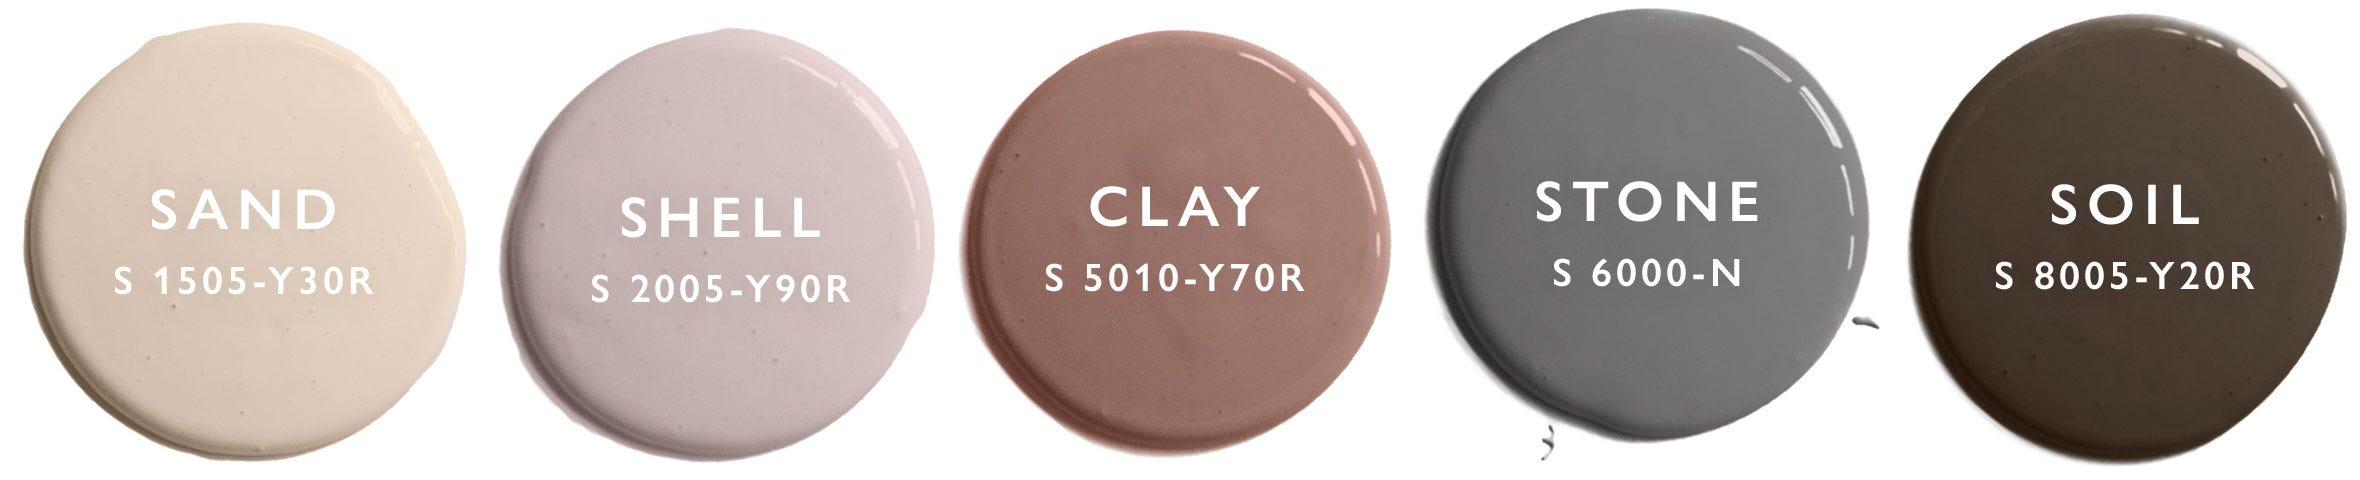 Auro-färger från Byggfabriken i Samarbete med Granit. NCS:er: Shell - NCS S 2005-Y90R   Sand - NCS S 1505-Y30R   Stone - NCS S 6000-N   Soil - NCS S 8005-Y20R   Clay- NCS S 5010-Y70R